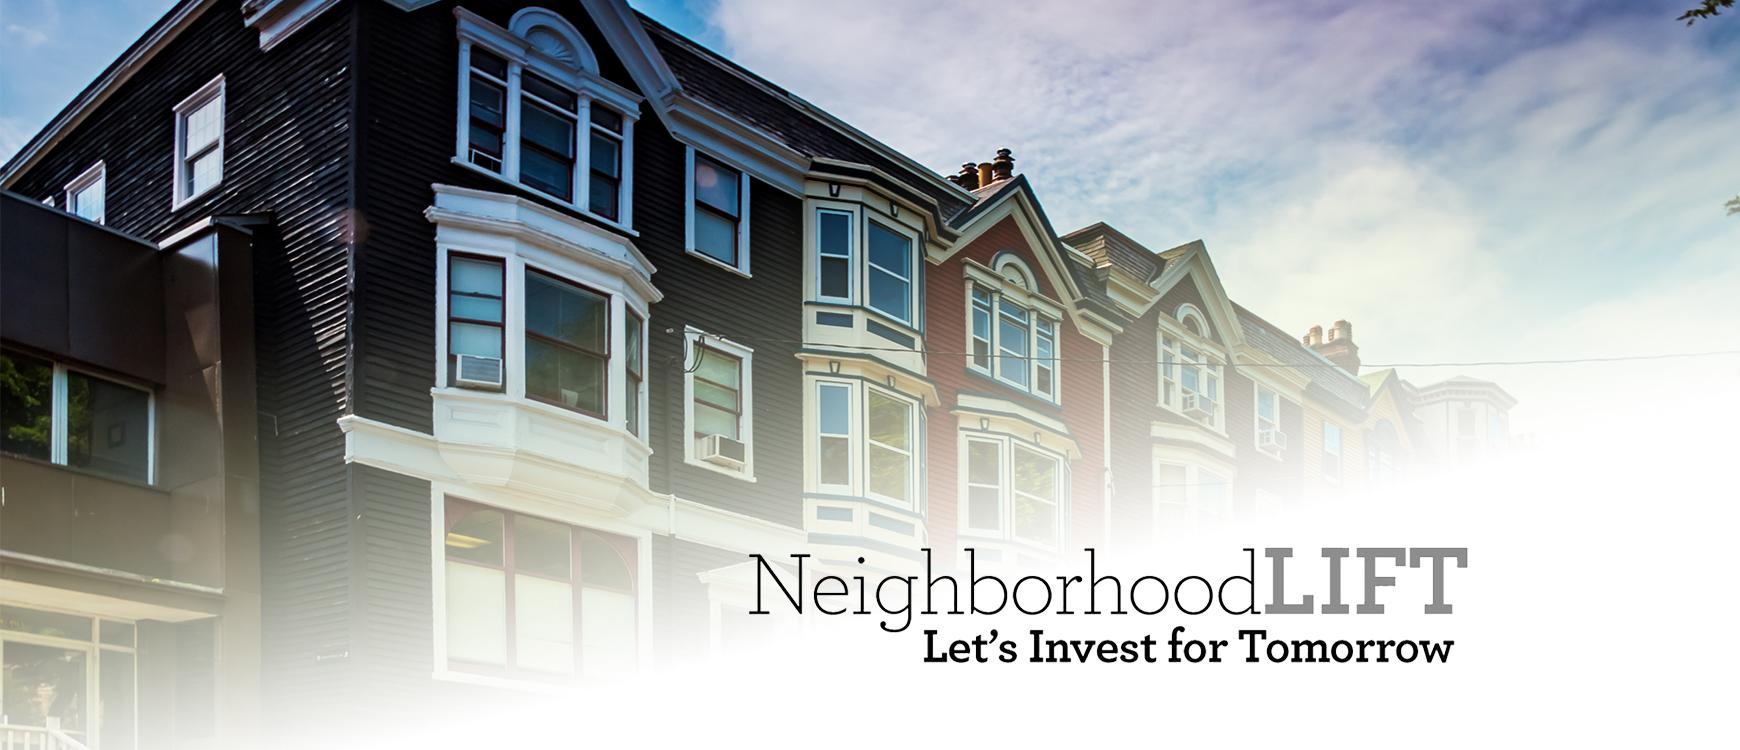 NeighborhoodLIFT